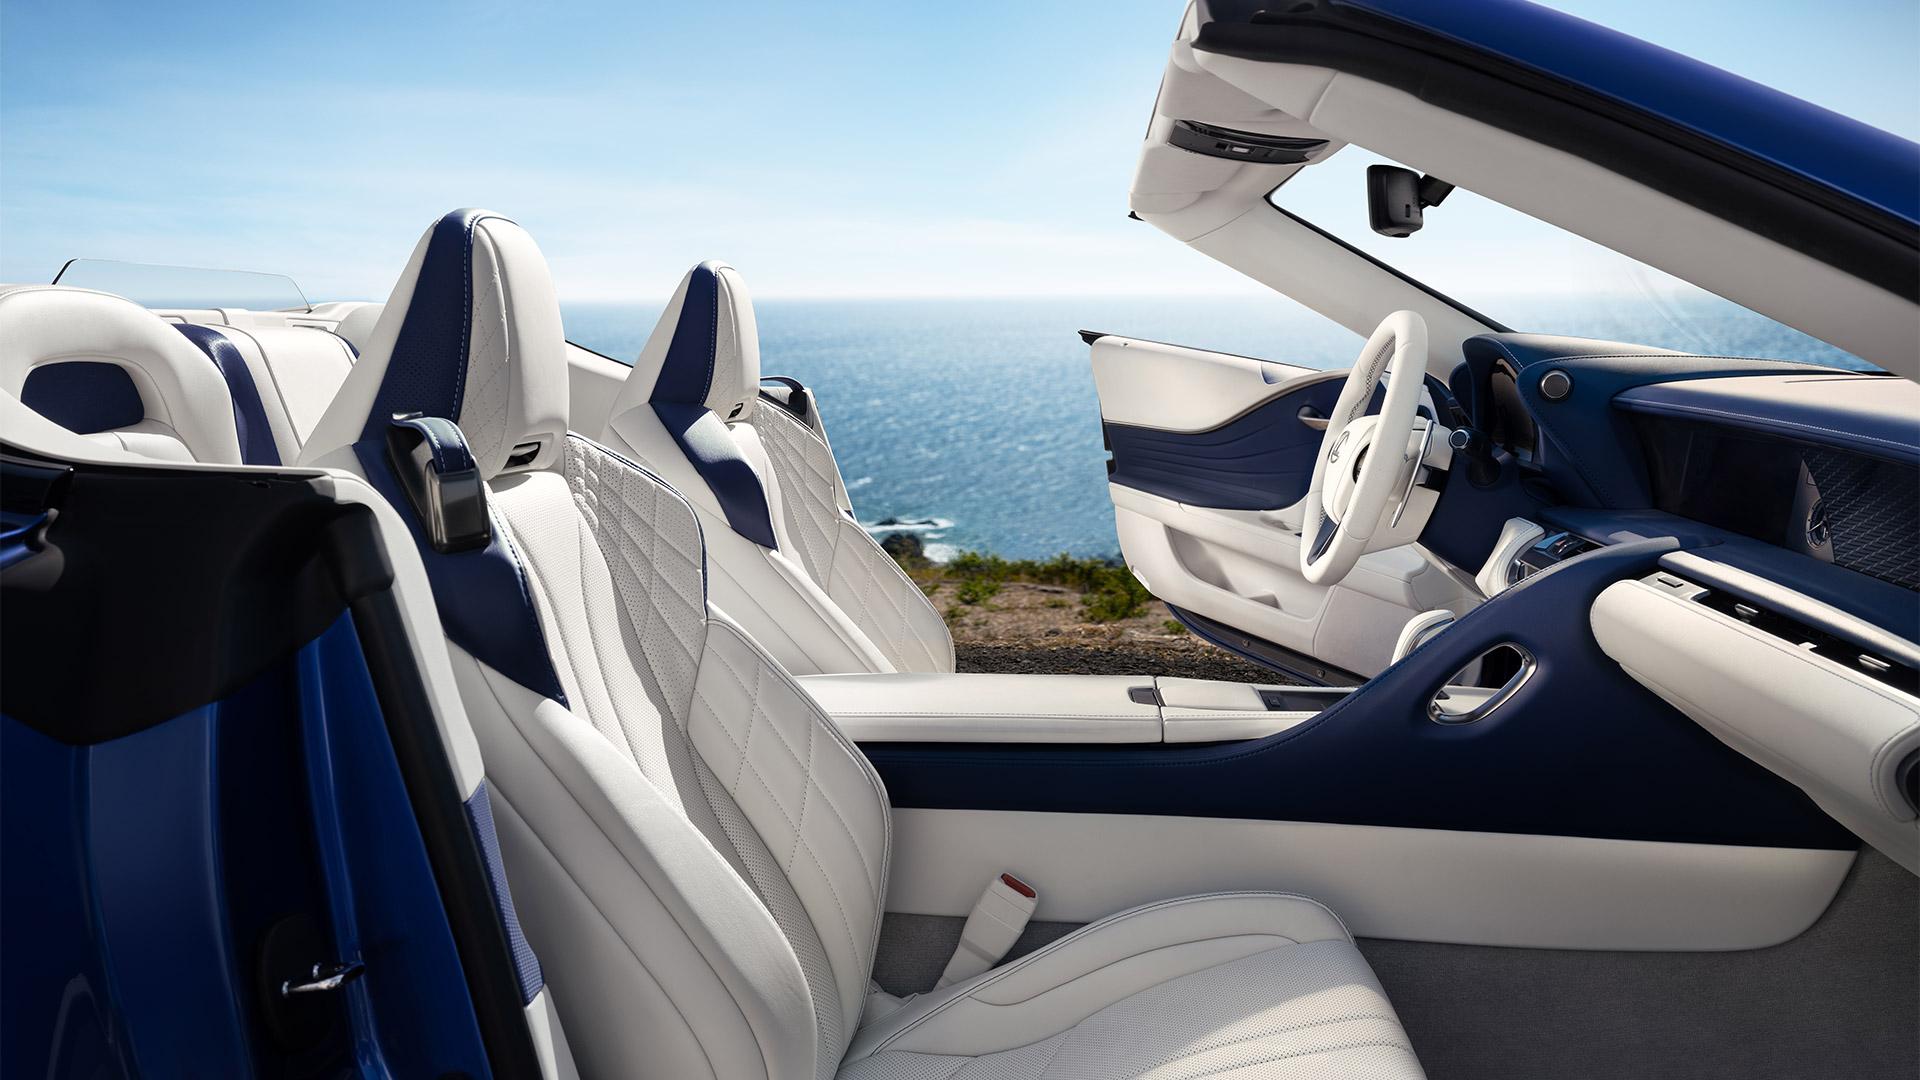 11 2019 027 nieuwe Lexus LC 500 Convertible 1920x1080 galerij